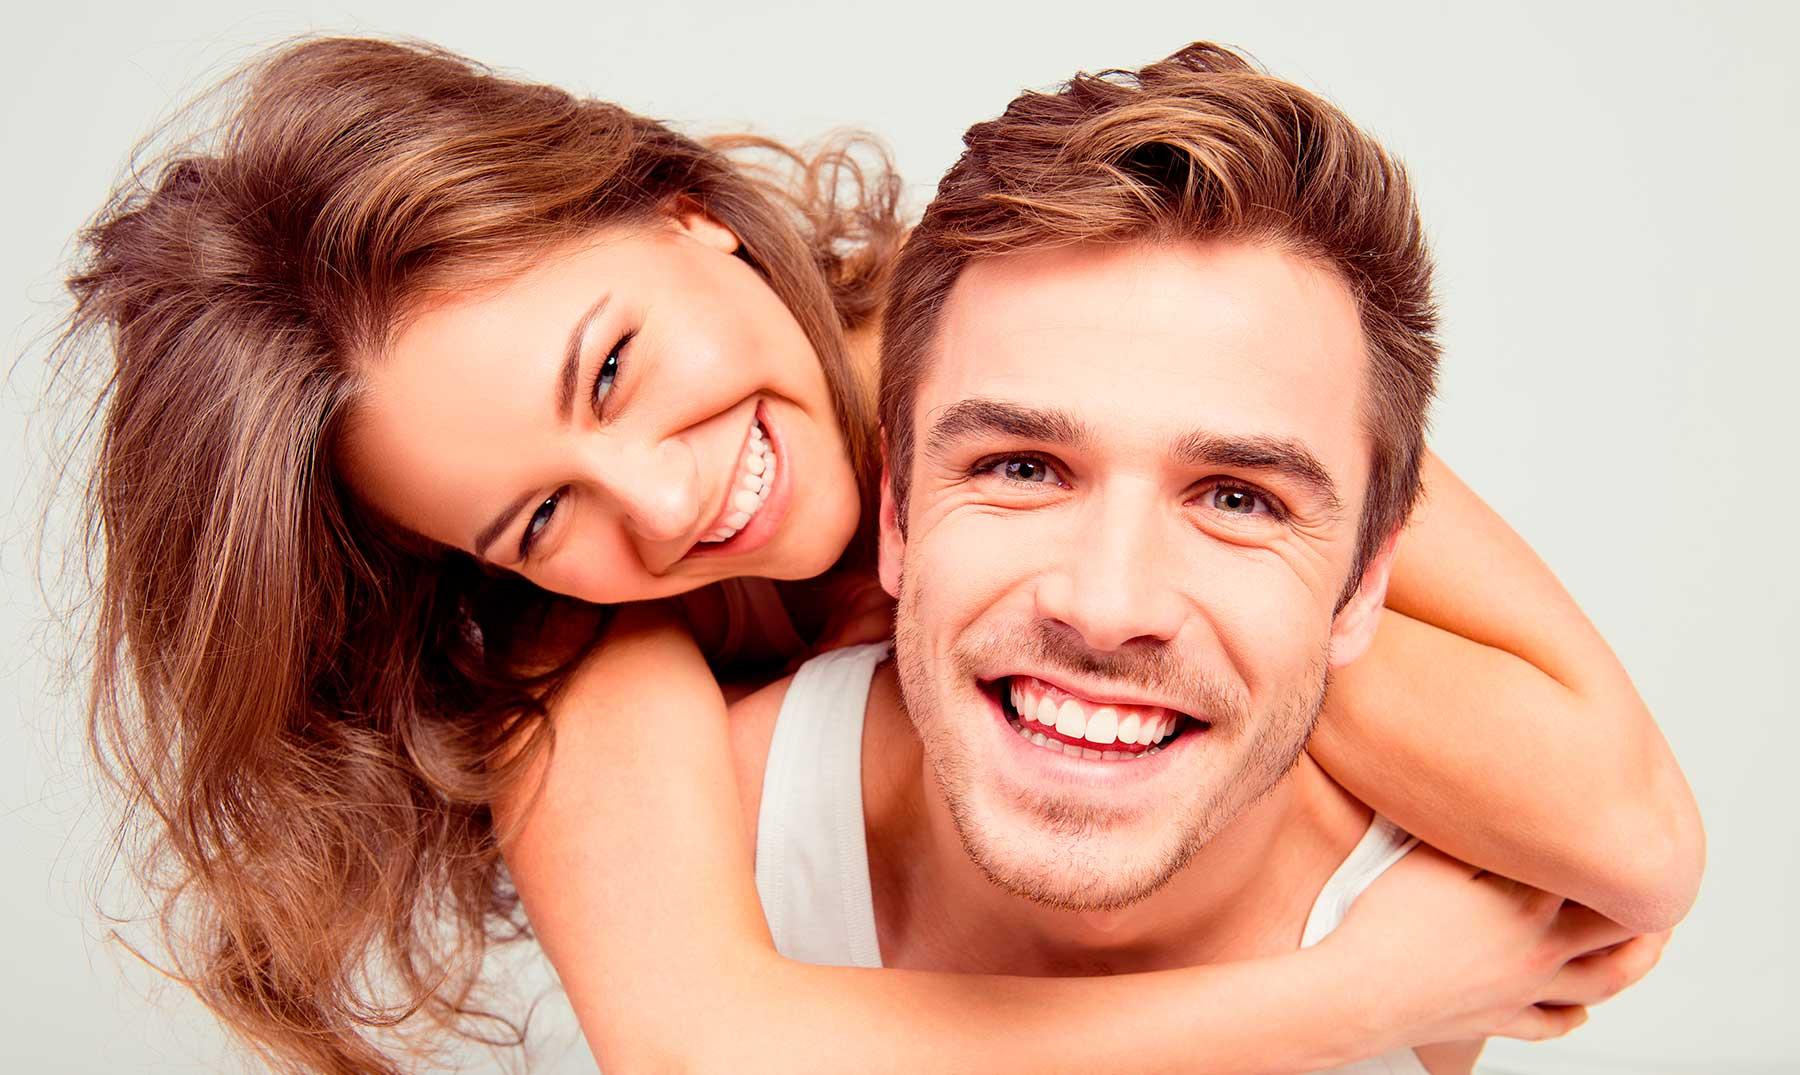 120 Frases De Sonrisas El Mejor Remedio Para El Alma Con Imagenes